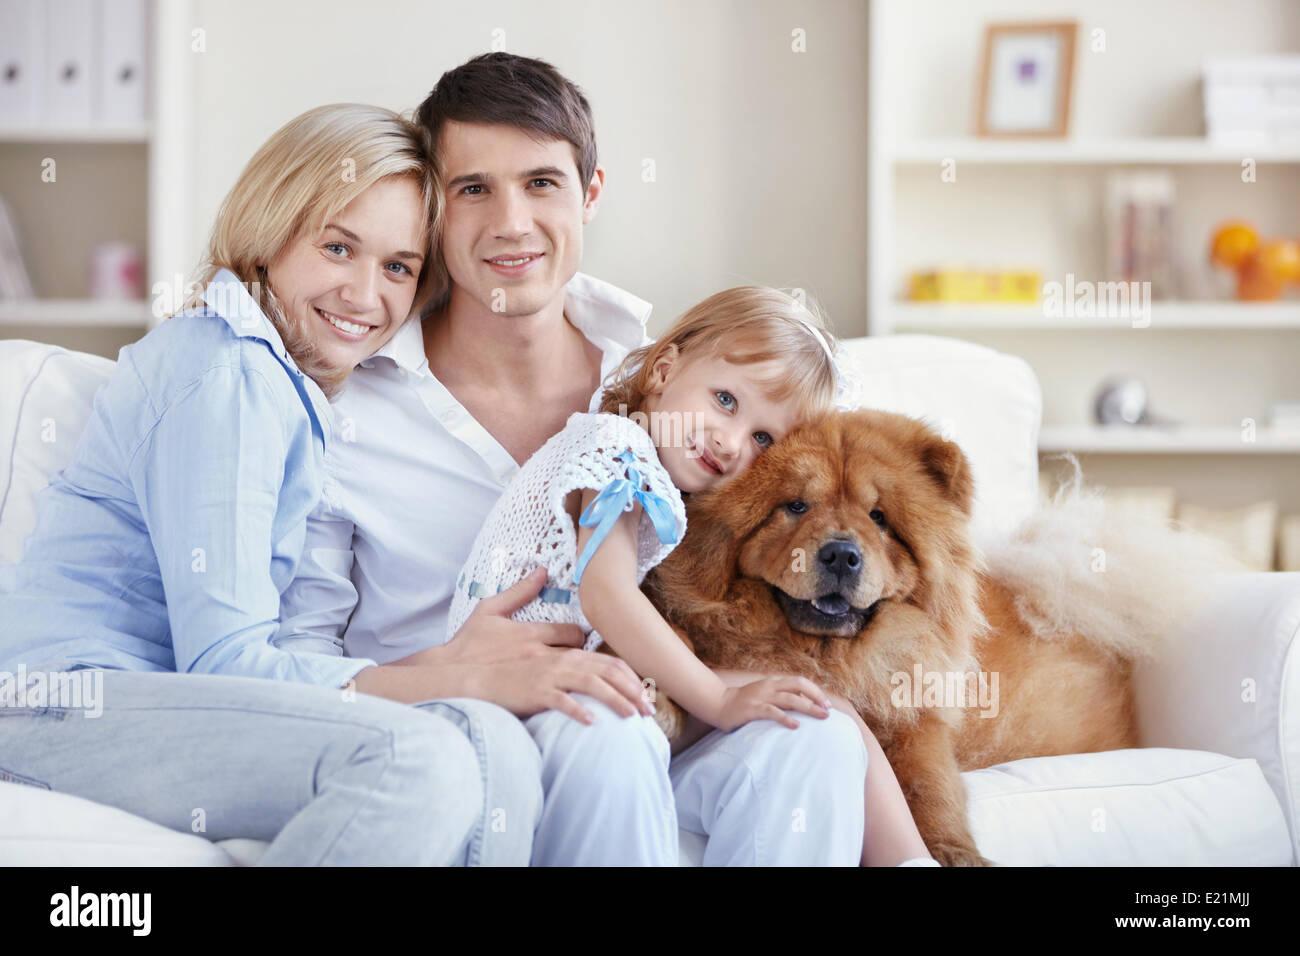 Familie Und Chow Chow Hund In Der Wohnung Stockfoto Bild 70108938